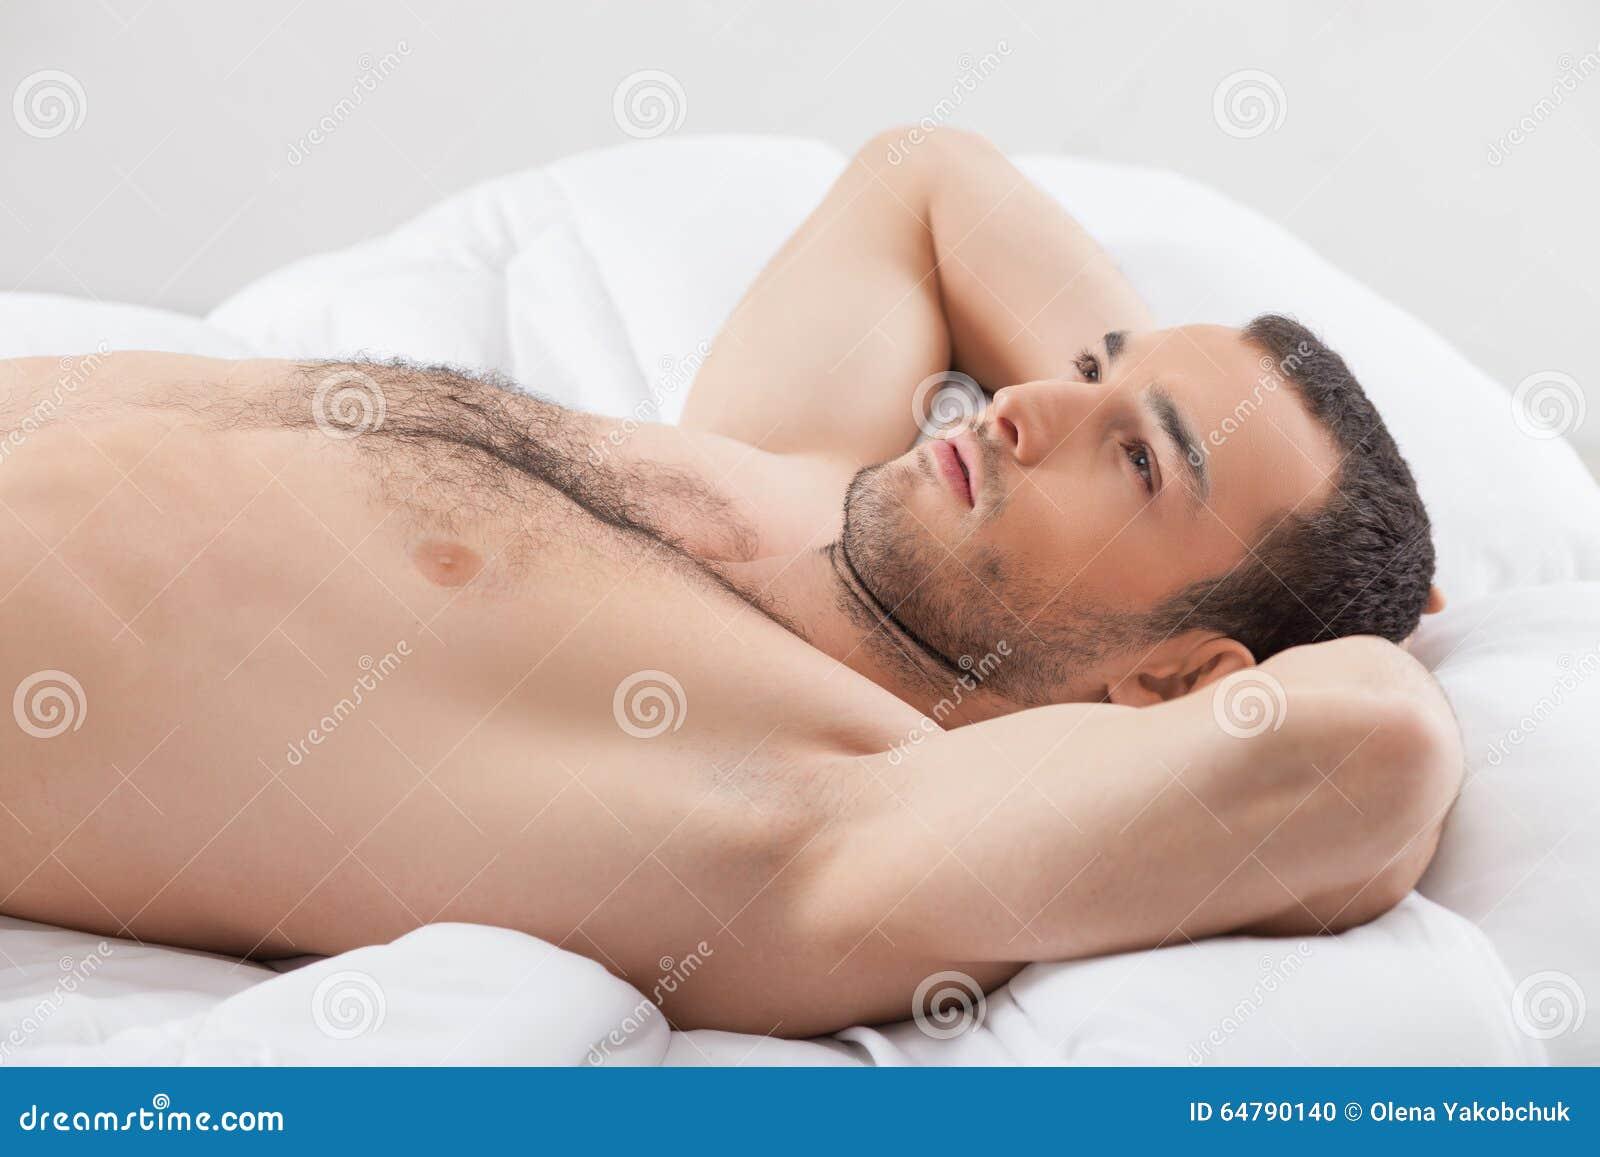 world sexiest anal fuck gir